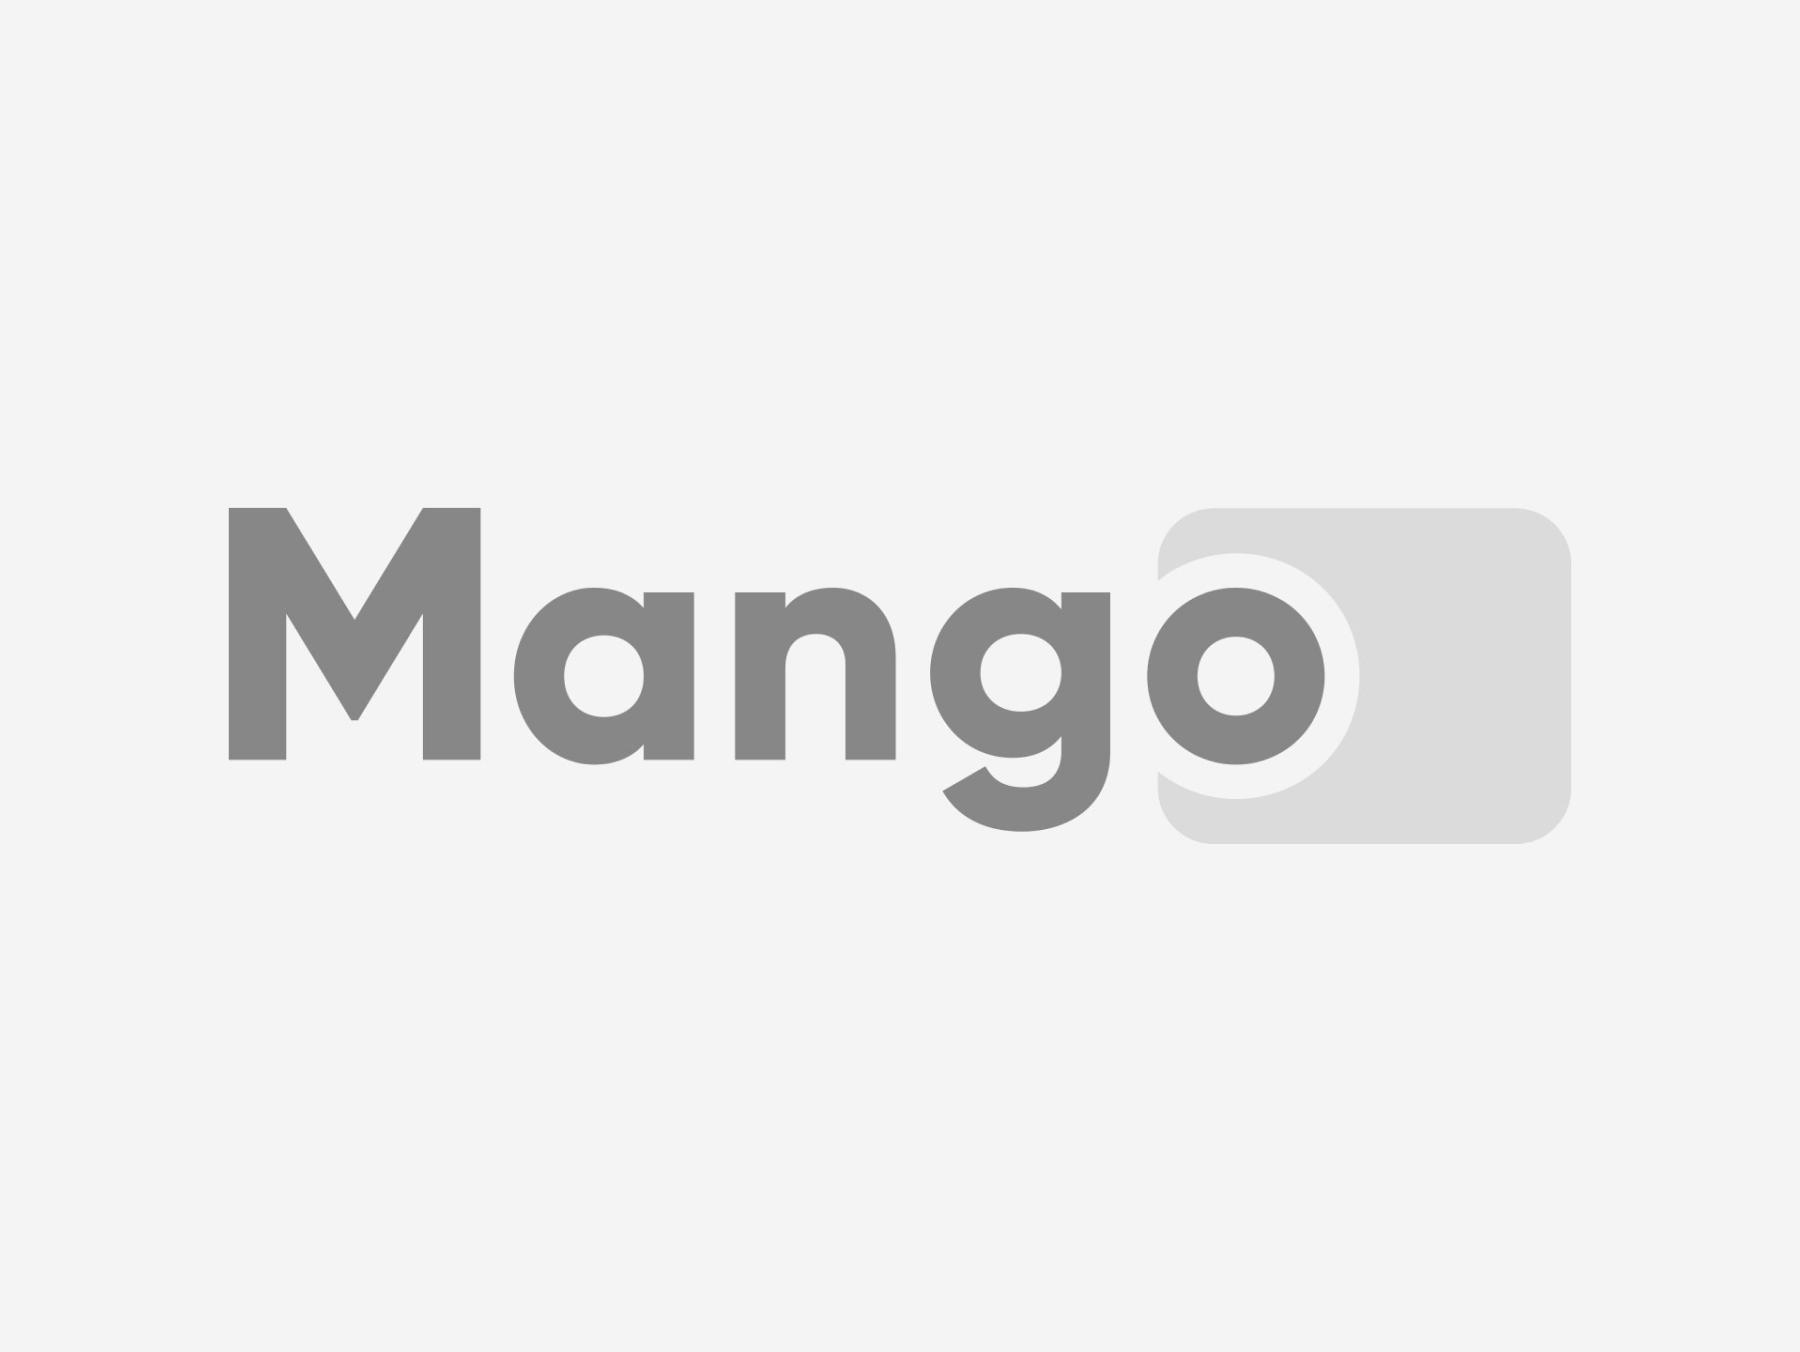 Saltea & Topper Dormeo Comfort Deluxe top-shop.ro